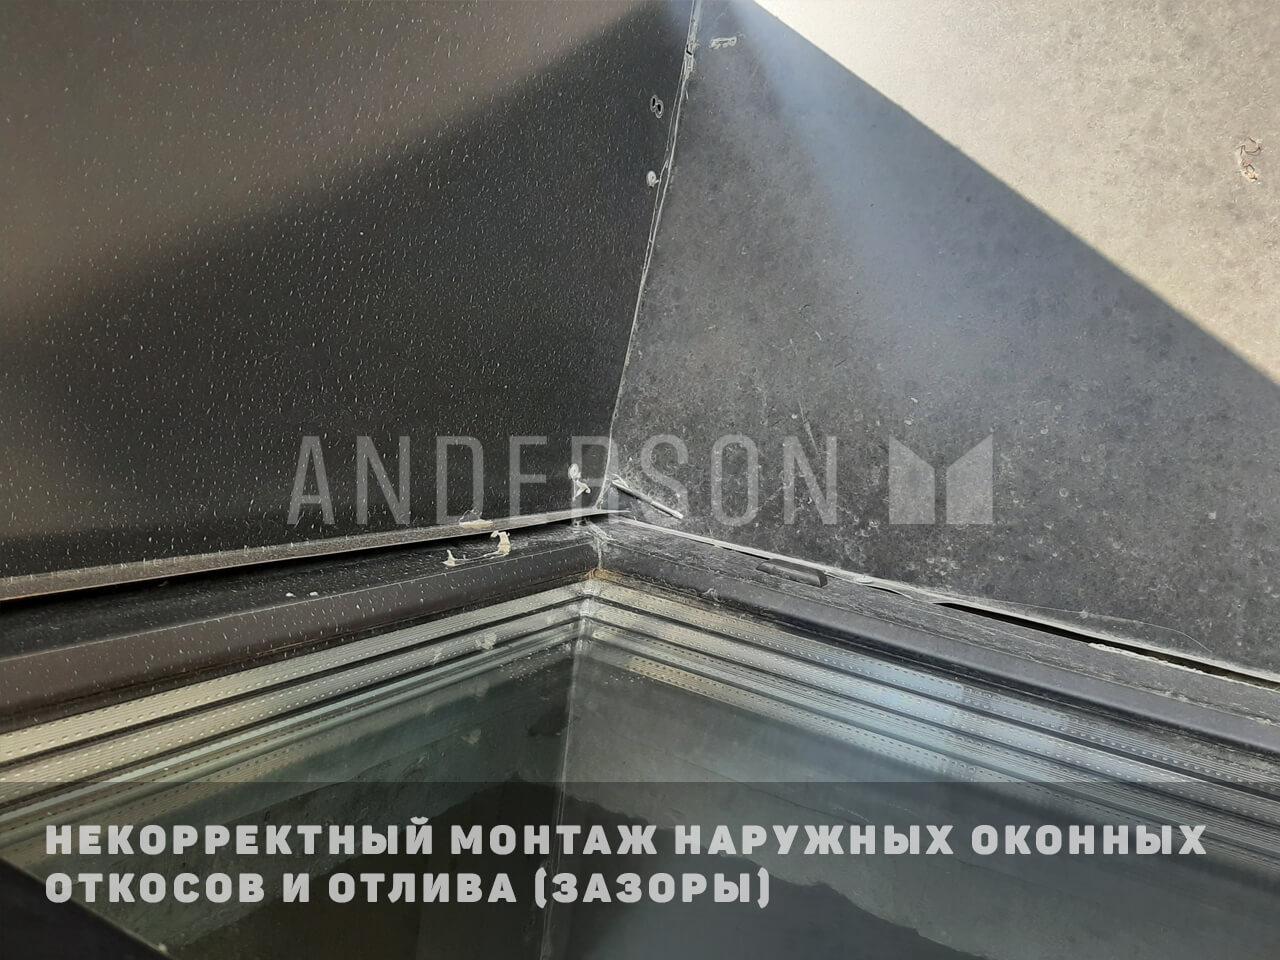 неправильный монтаж наружного откоса окна